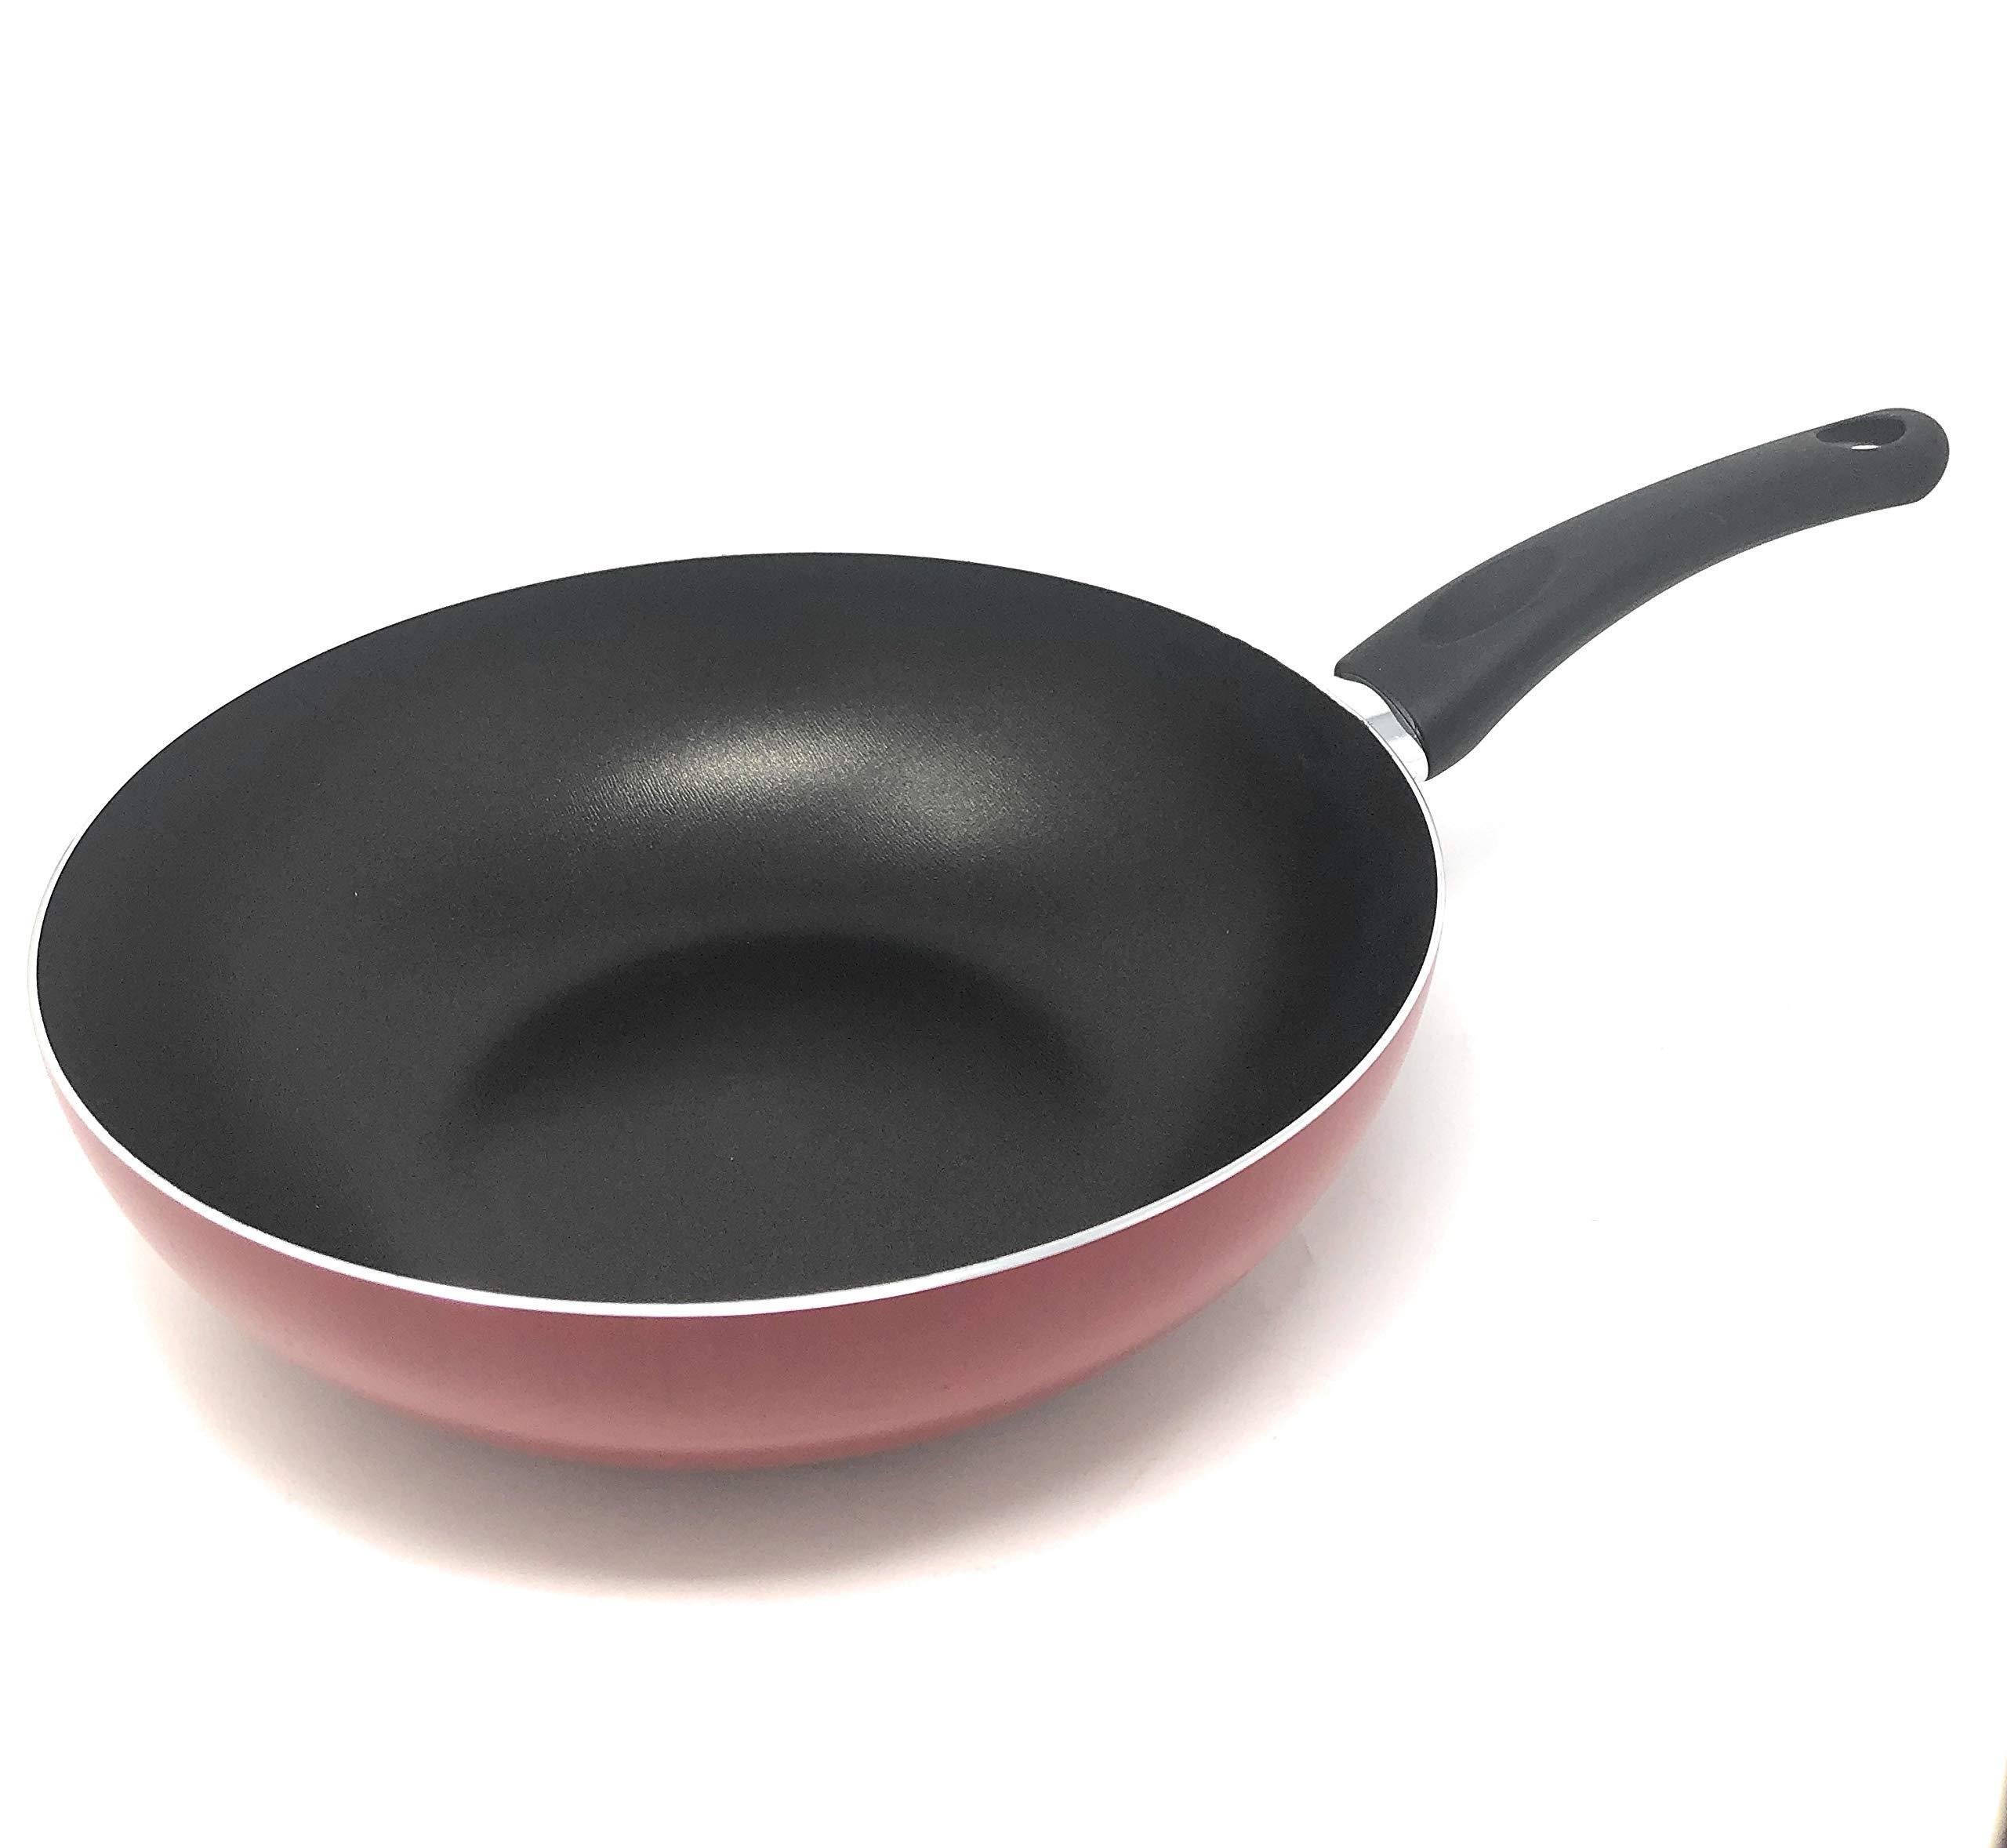 RAVELLI Italia Linea 10 Non Stick Wok Stir Fry Pan, 11inch